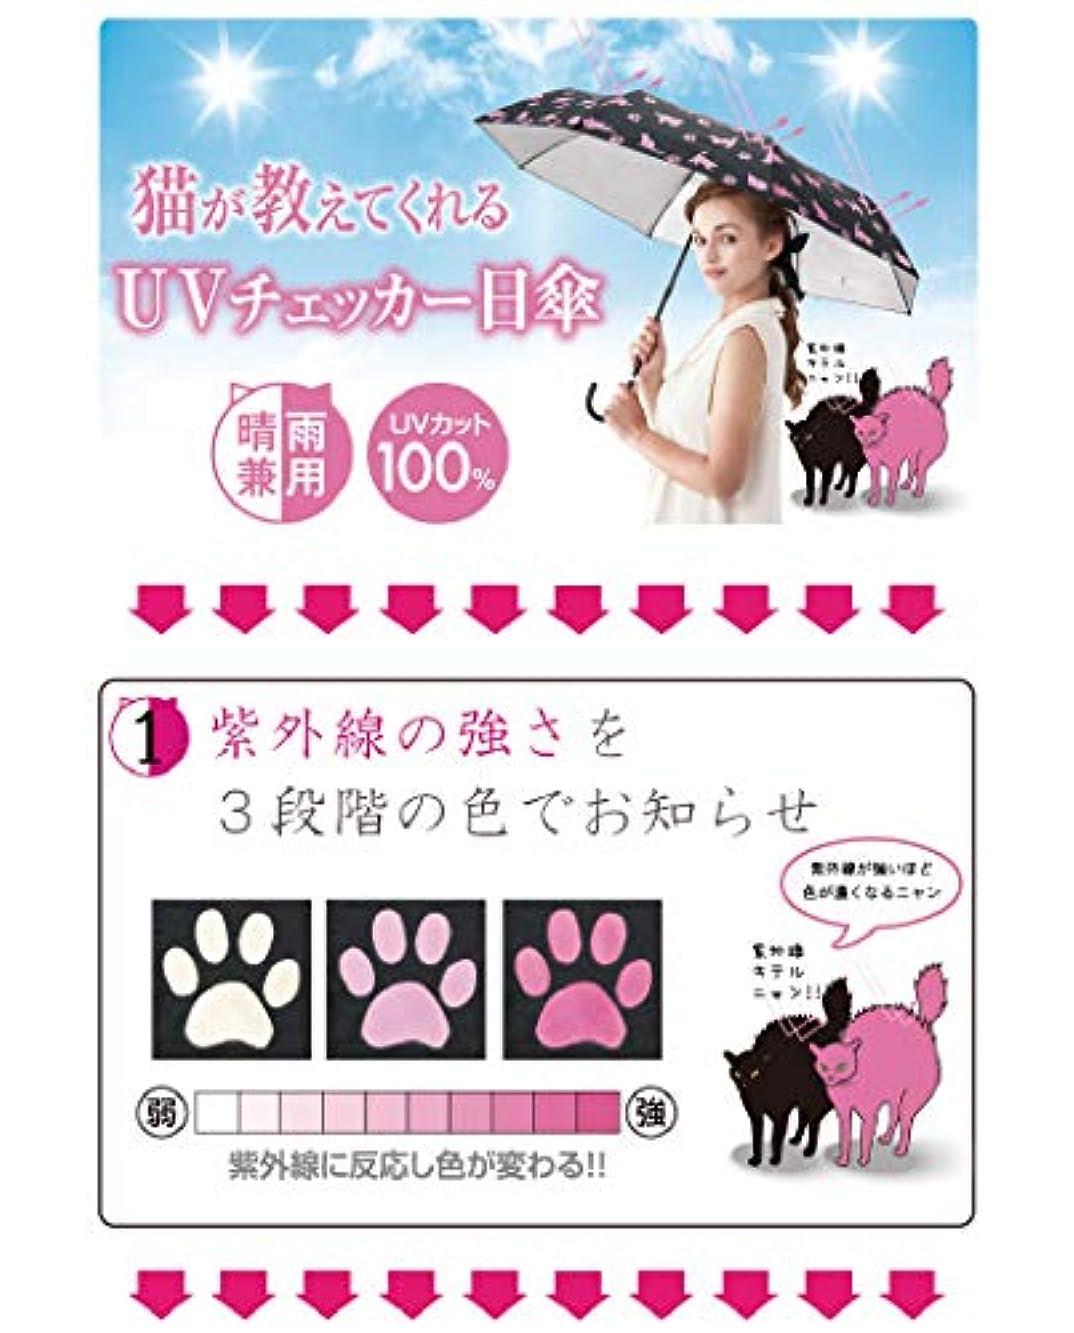 不純寄付する発明ネコとお散歩 ネコのUVお散歩日傘【晴雨兼用/紫外線カット/幅広サイズ/可愛い】